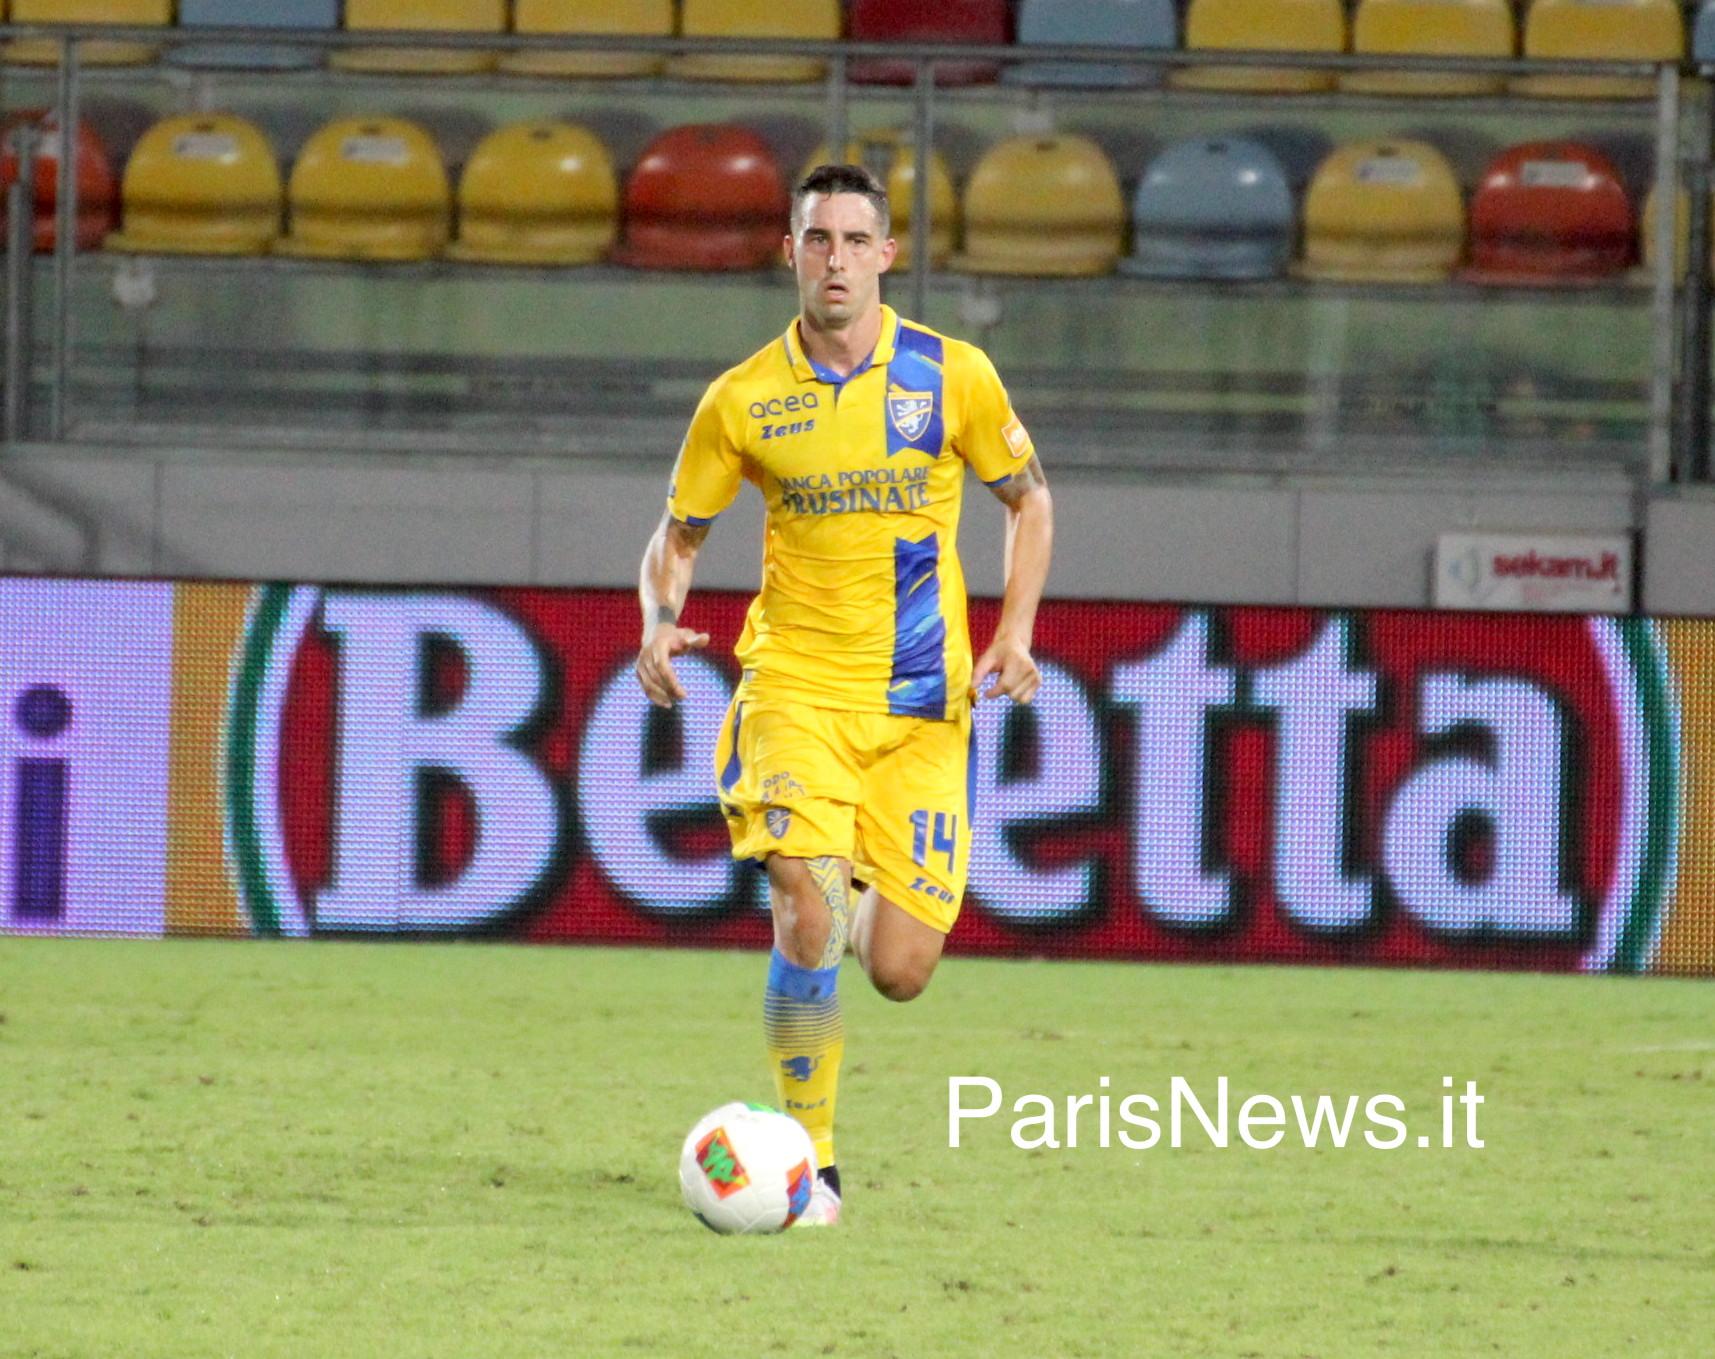 Il Frosinone torna a vincere in casa: battuto l'Ascoli